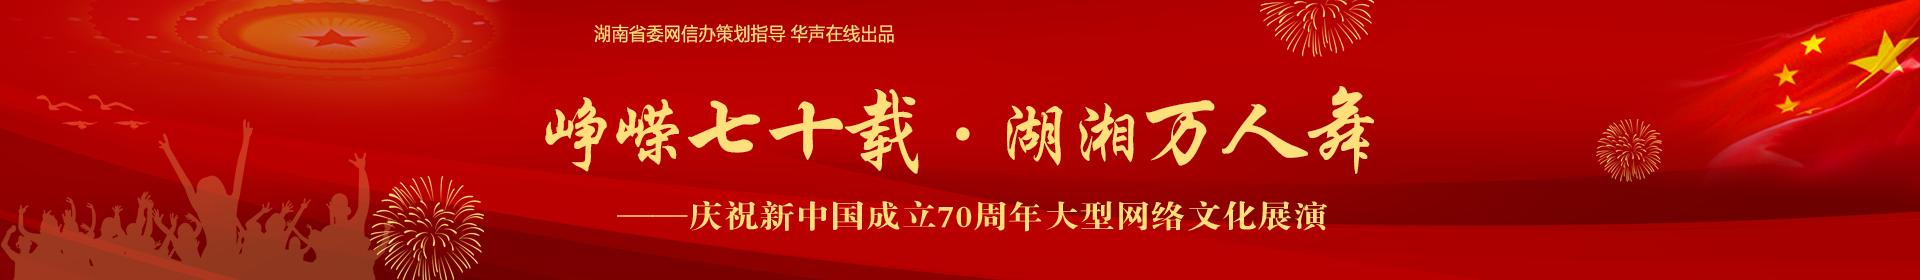 峥嵘七十载·湖湘万人舞——庆祝新中国成立70周年大型网络文化展演